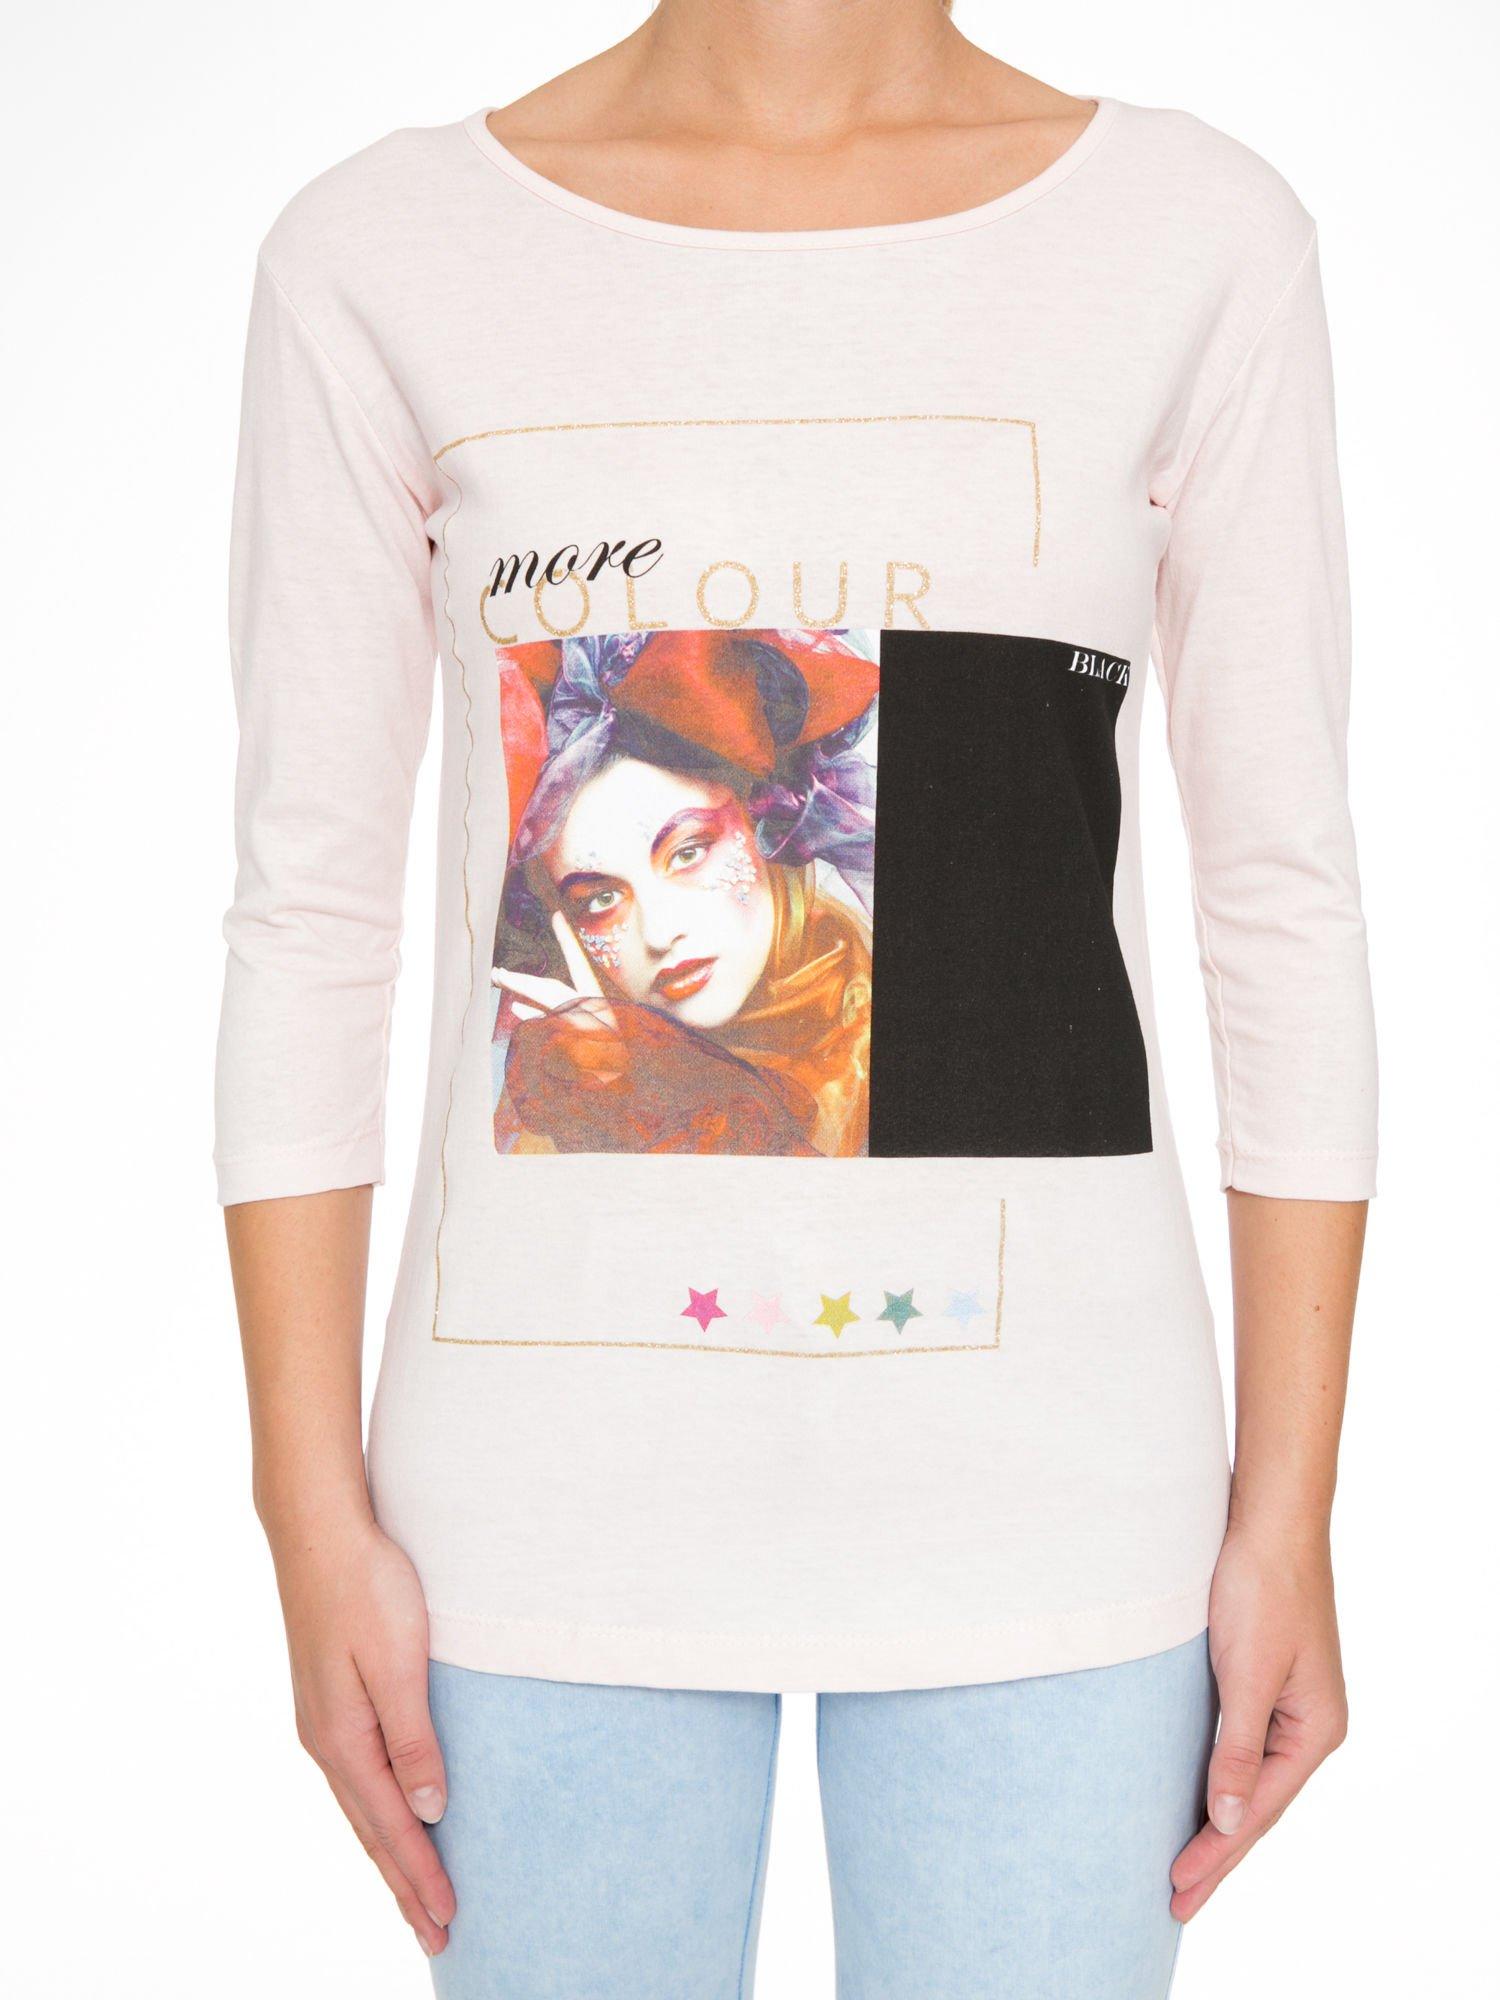 Jasnoróżowa bluzka z nadrukiem fashion i napisem MORE COLOUR                                  zdj.                                  8